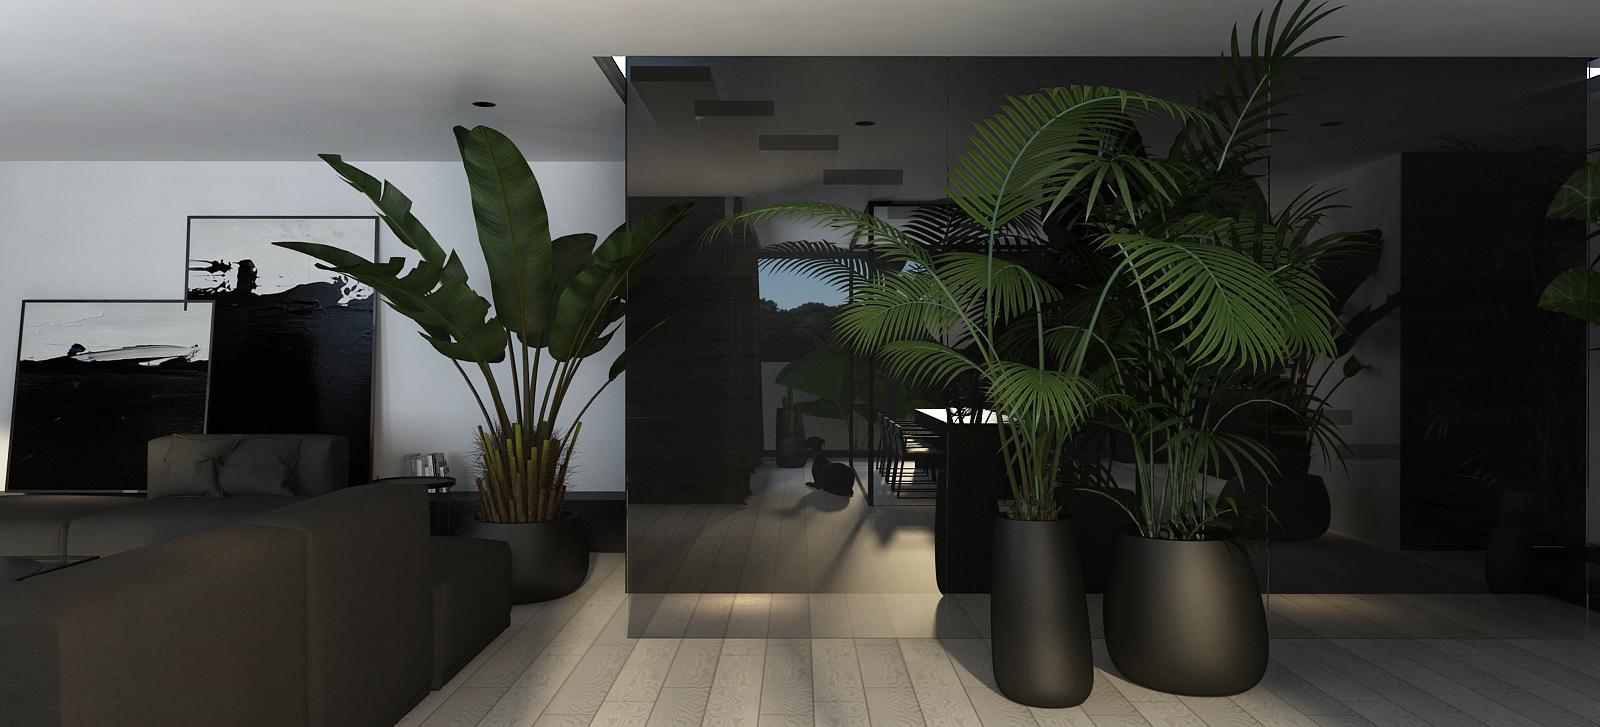 003 mono projektant wnętrz śląsk katowice gliwice nowoczesny salon minimalistyczny